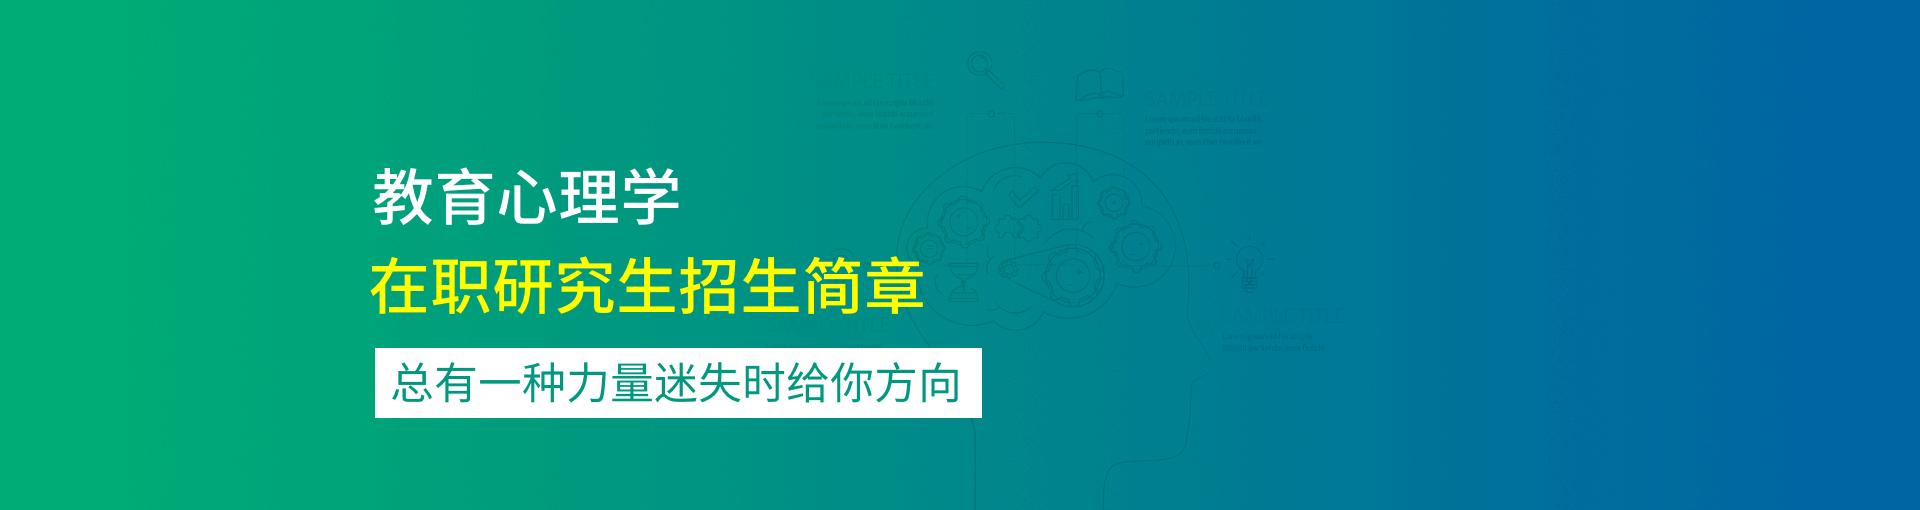 中国人民大学心理学系基础心理学(教育心理学方向)在职研究生招生简章